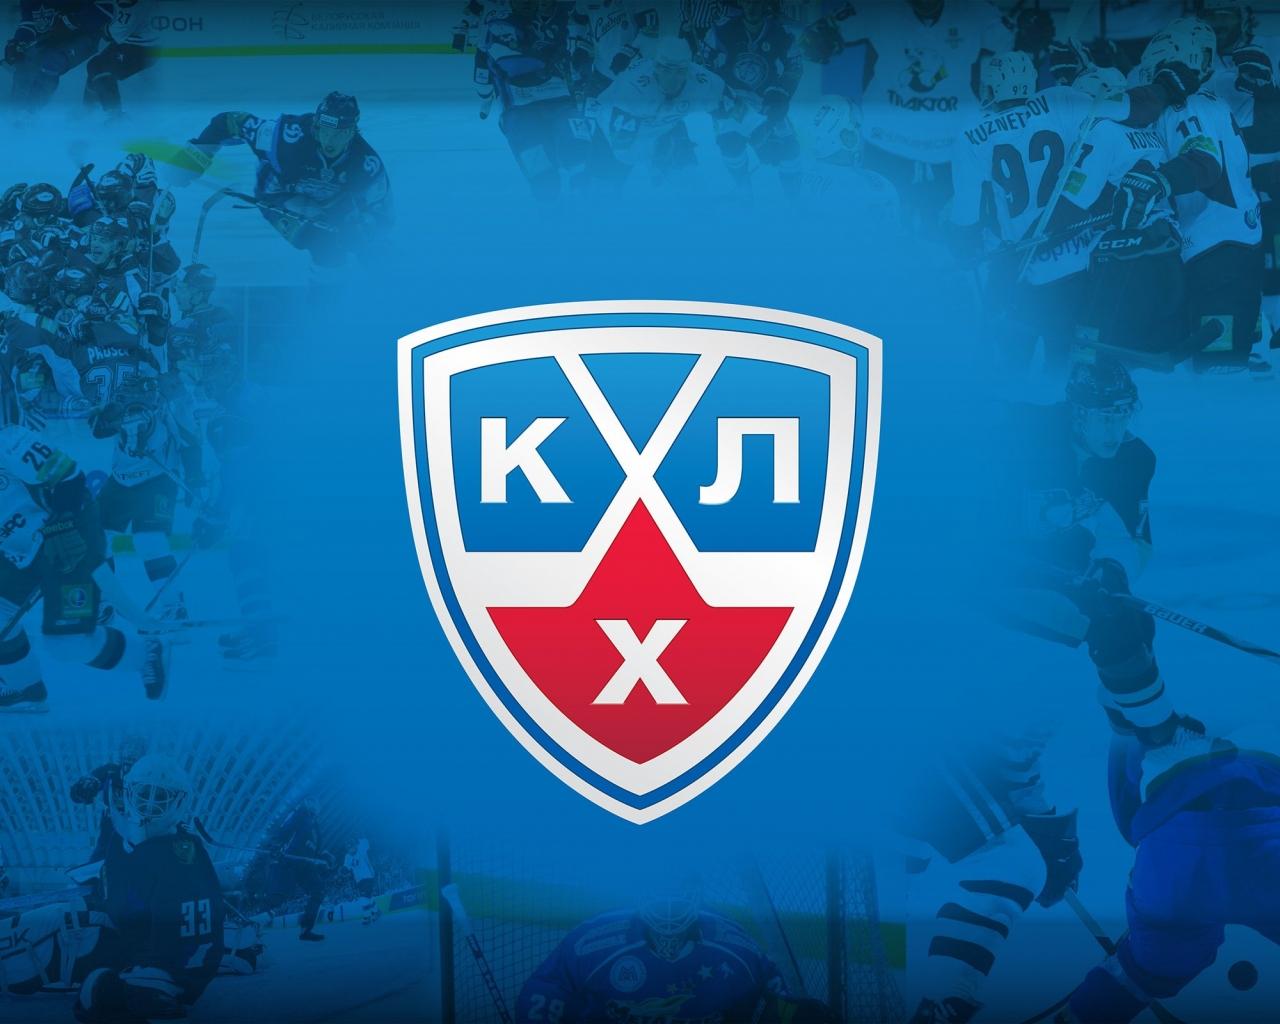 download CHL hockey sports mascot KHL wallpaper 2560x1600 1280x1024